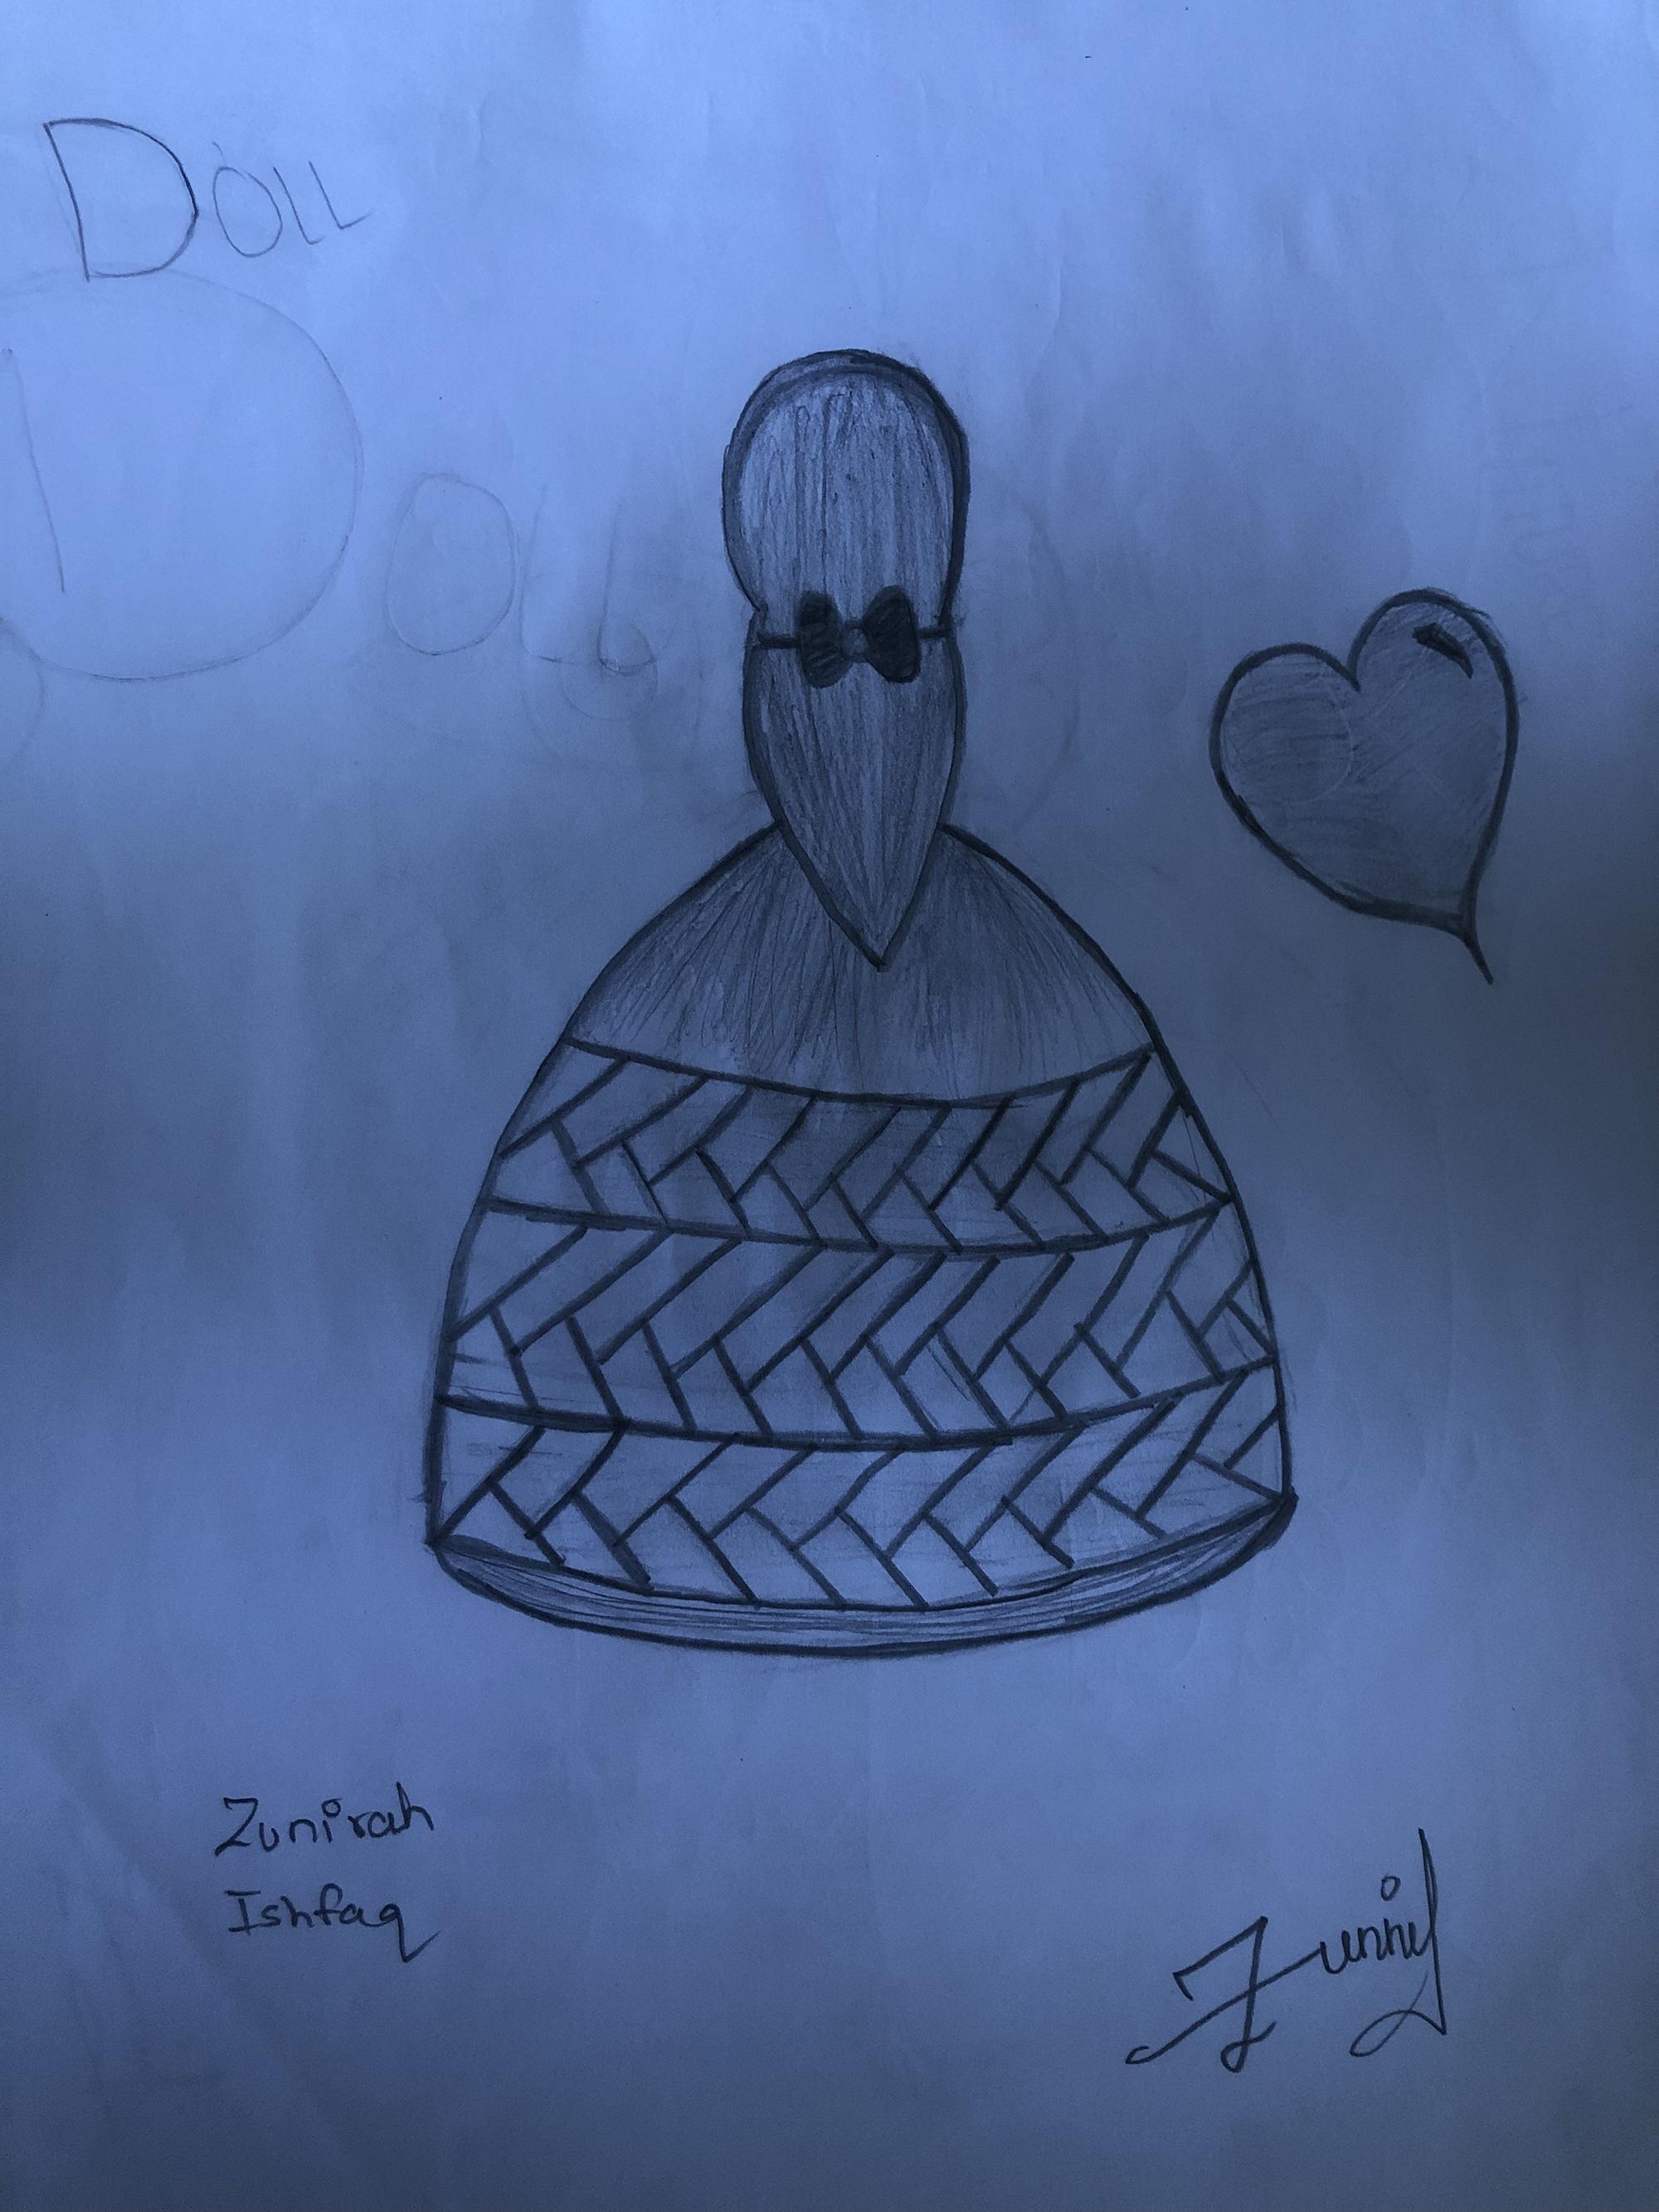 3rd. Zunirah Ishfaq, Drawing #7